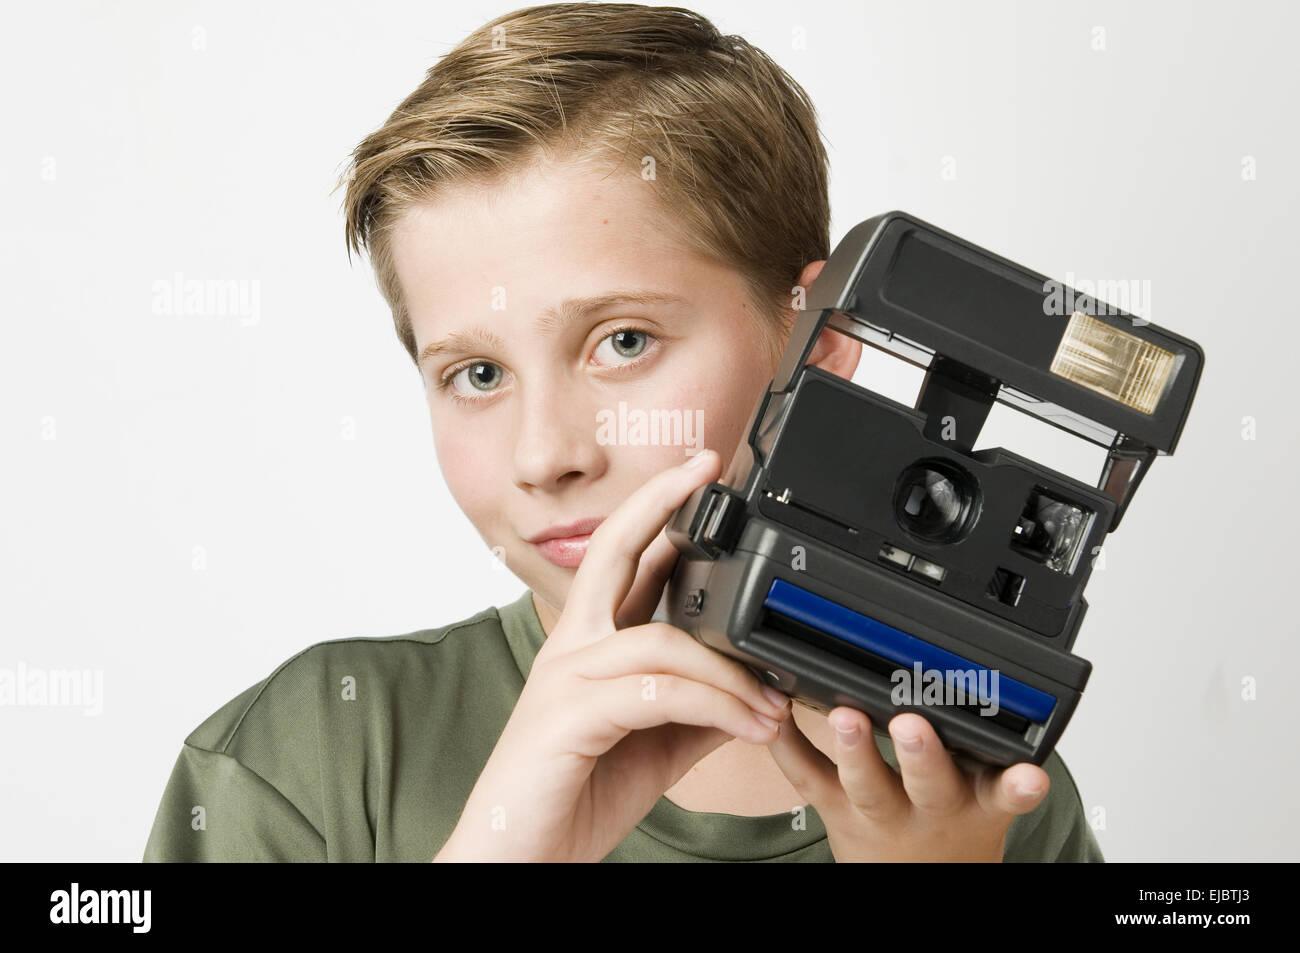 Junge mit Kamera auf weiß Stockfoto